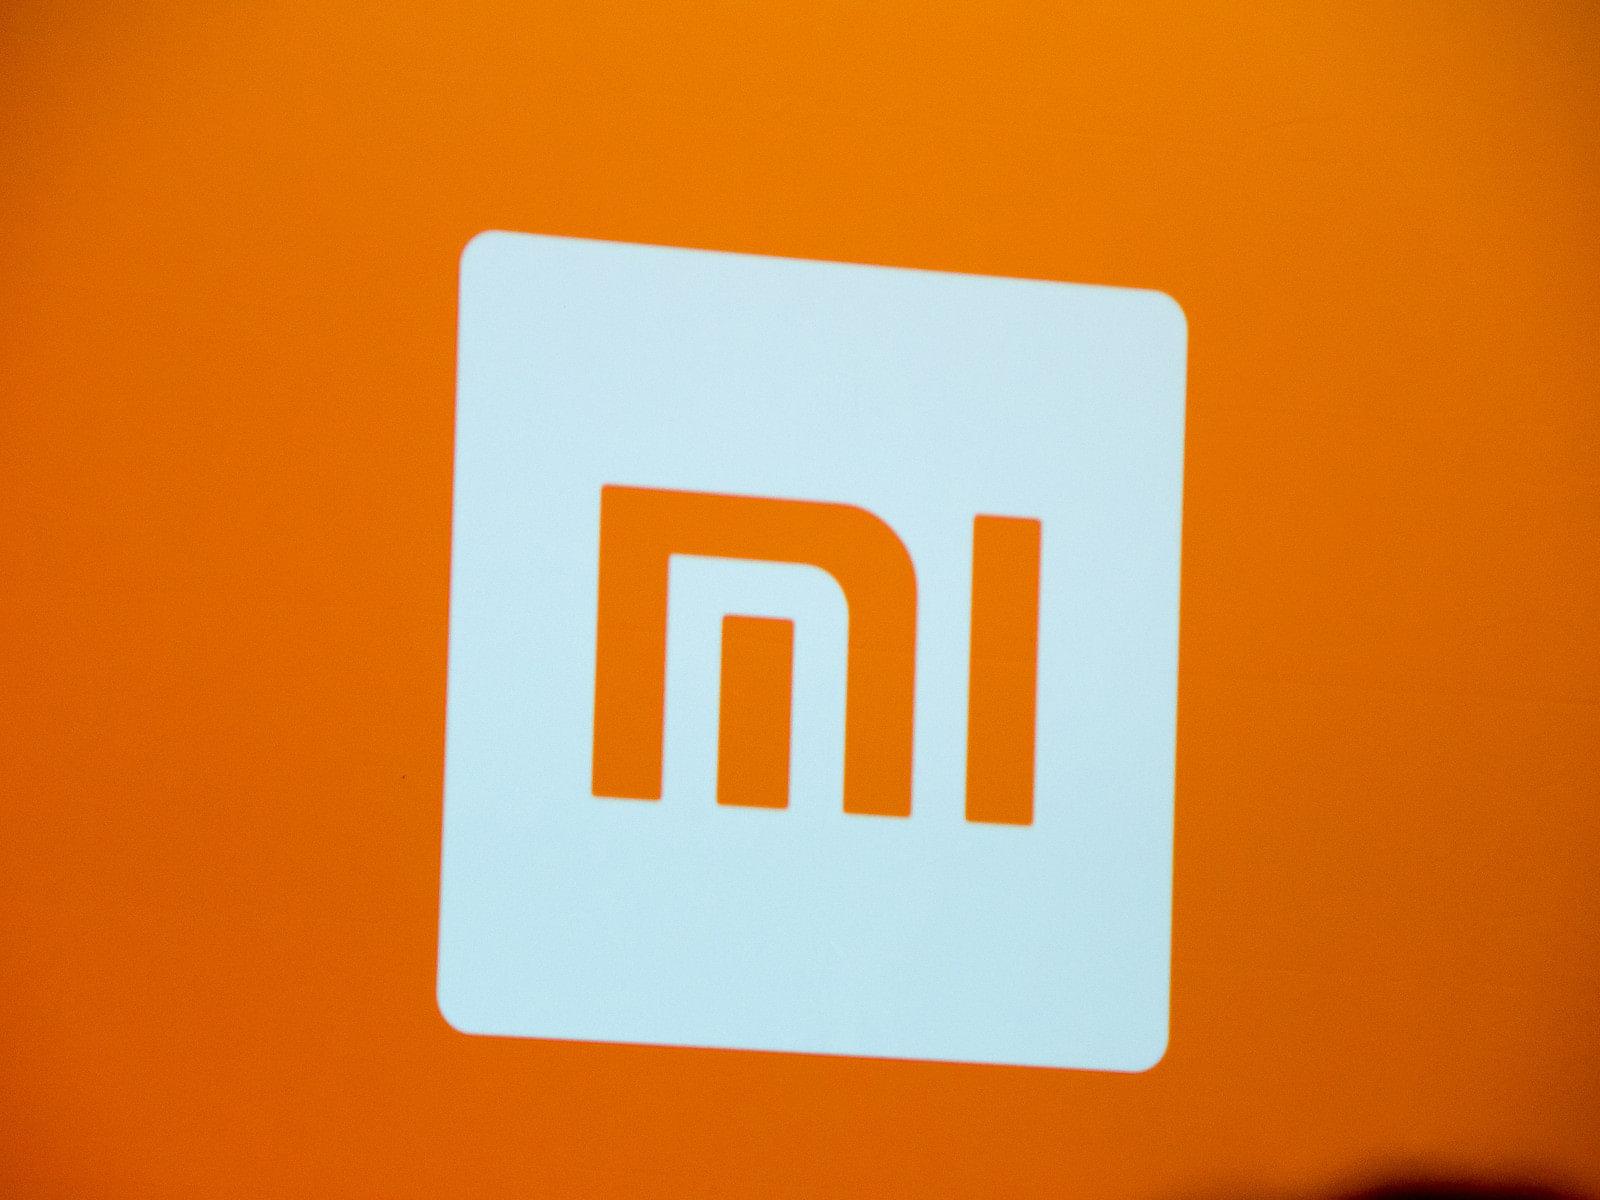 Xiaomi w Dzień Dziecka. 10% wartości każdego zakupu z warszawskiego Mi Store powędruje do domu dziecka 23